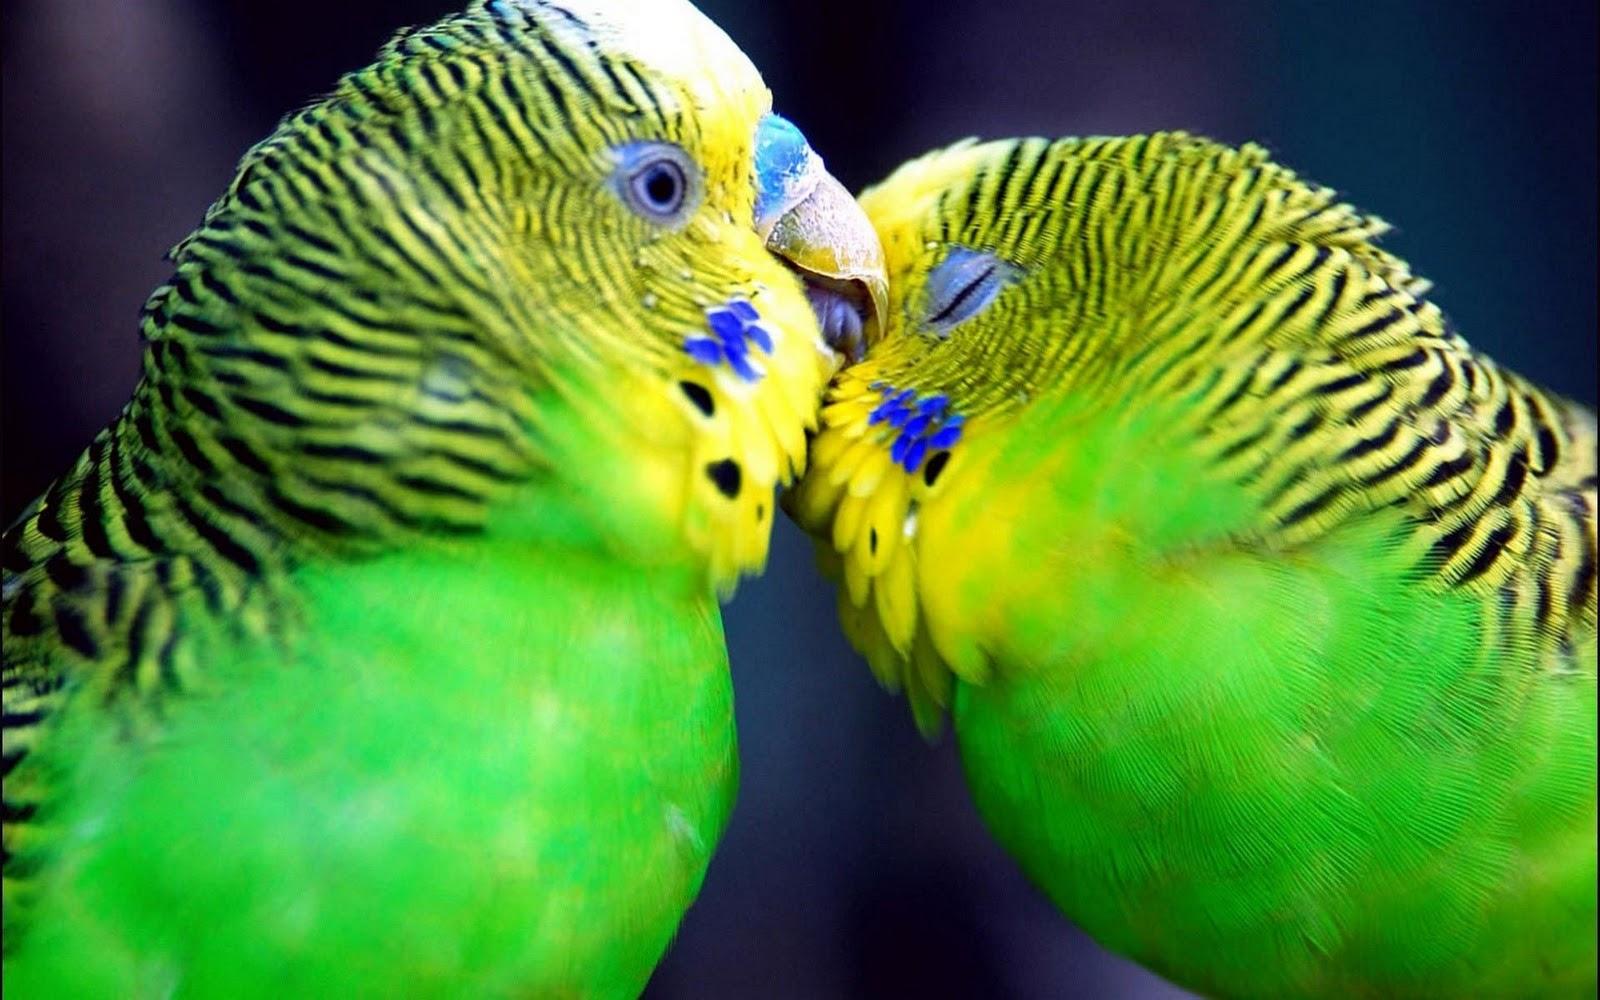 Wallpapers Love Birds: PicturesPool: Love Birds Wallpapers